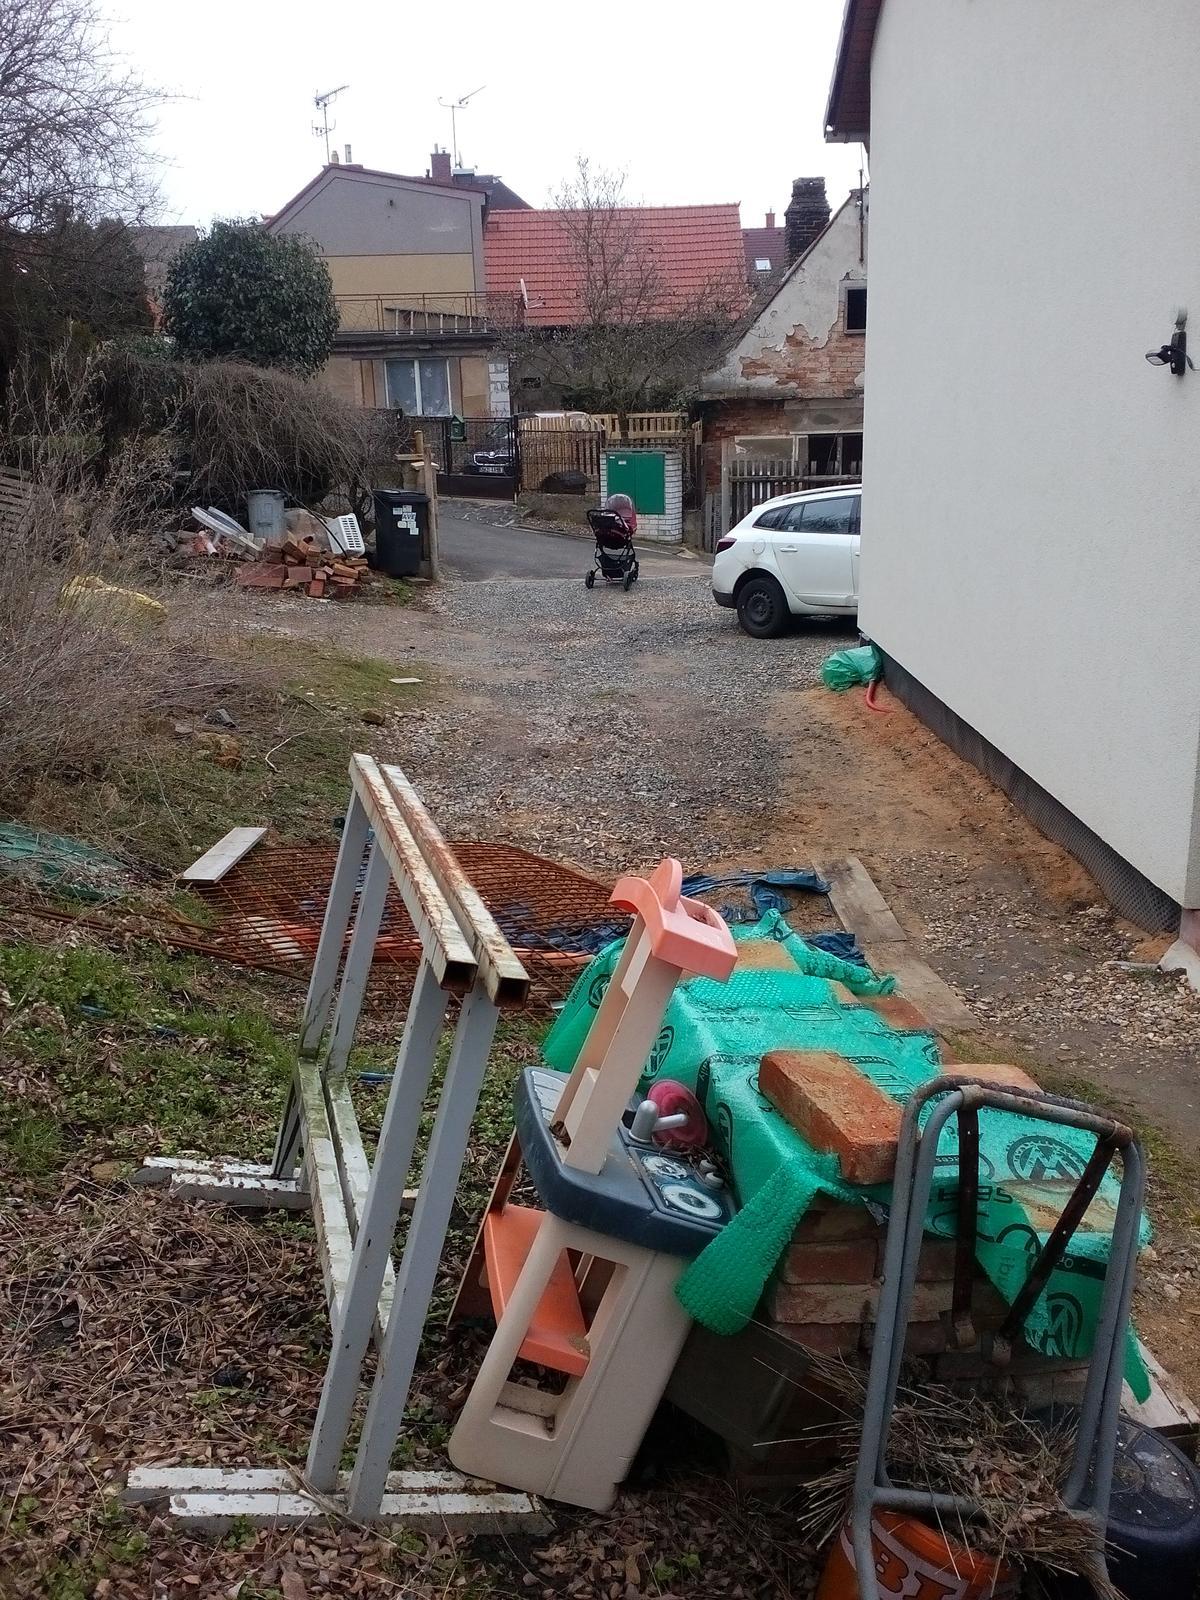 Garážové stánie - projekt r. 2017 - Z tejto fotky je jasné, že bod 1. bude upratovanie priestoru kým nabehne báger... :-/